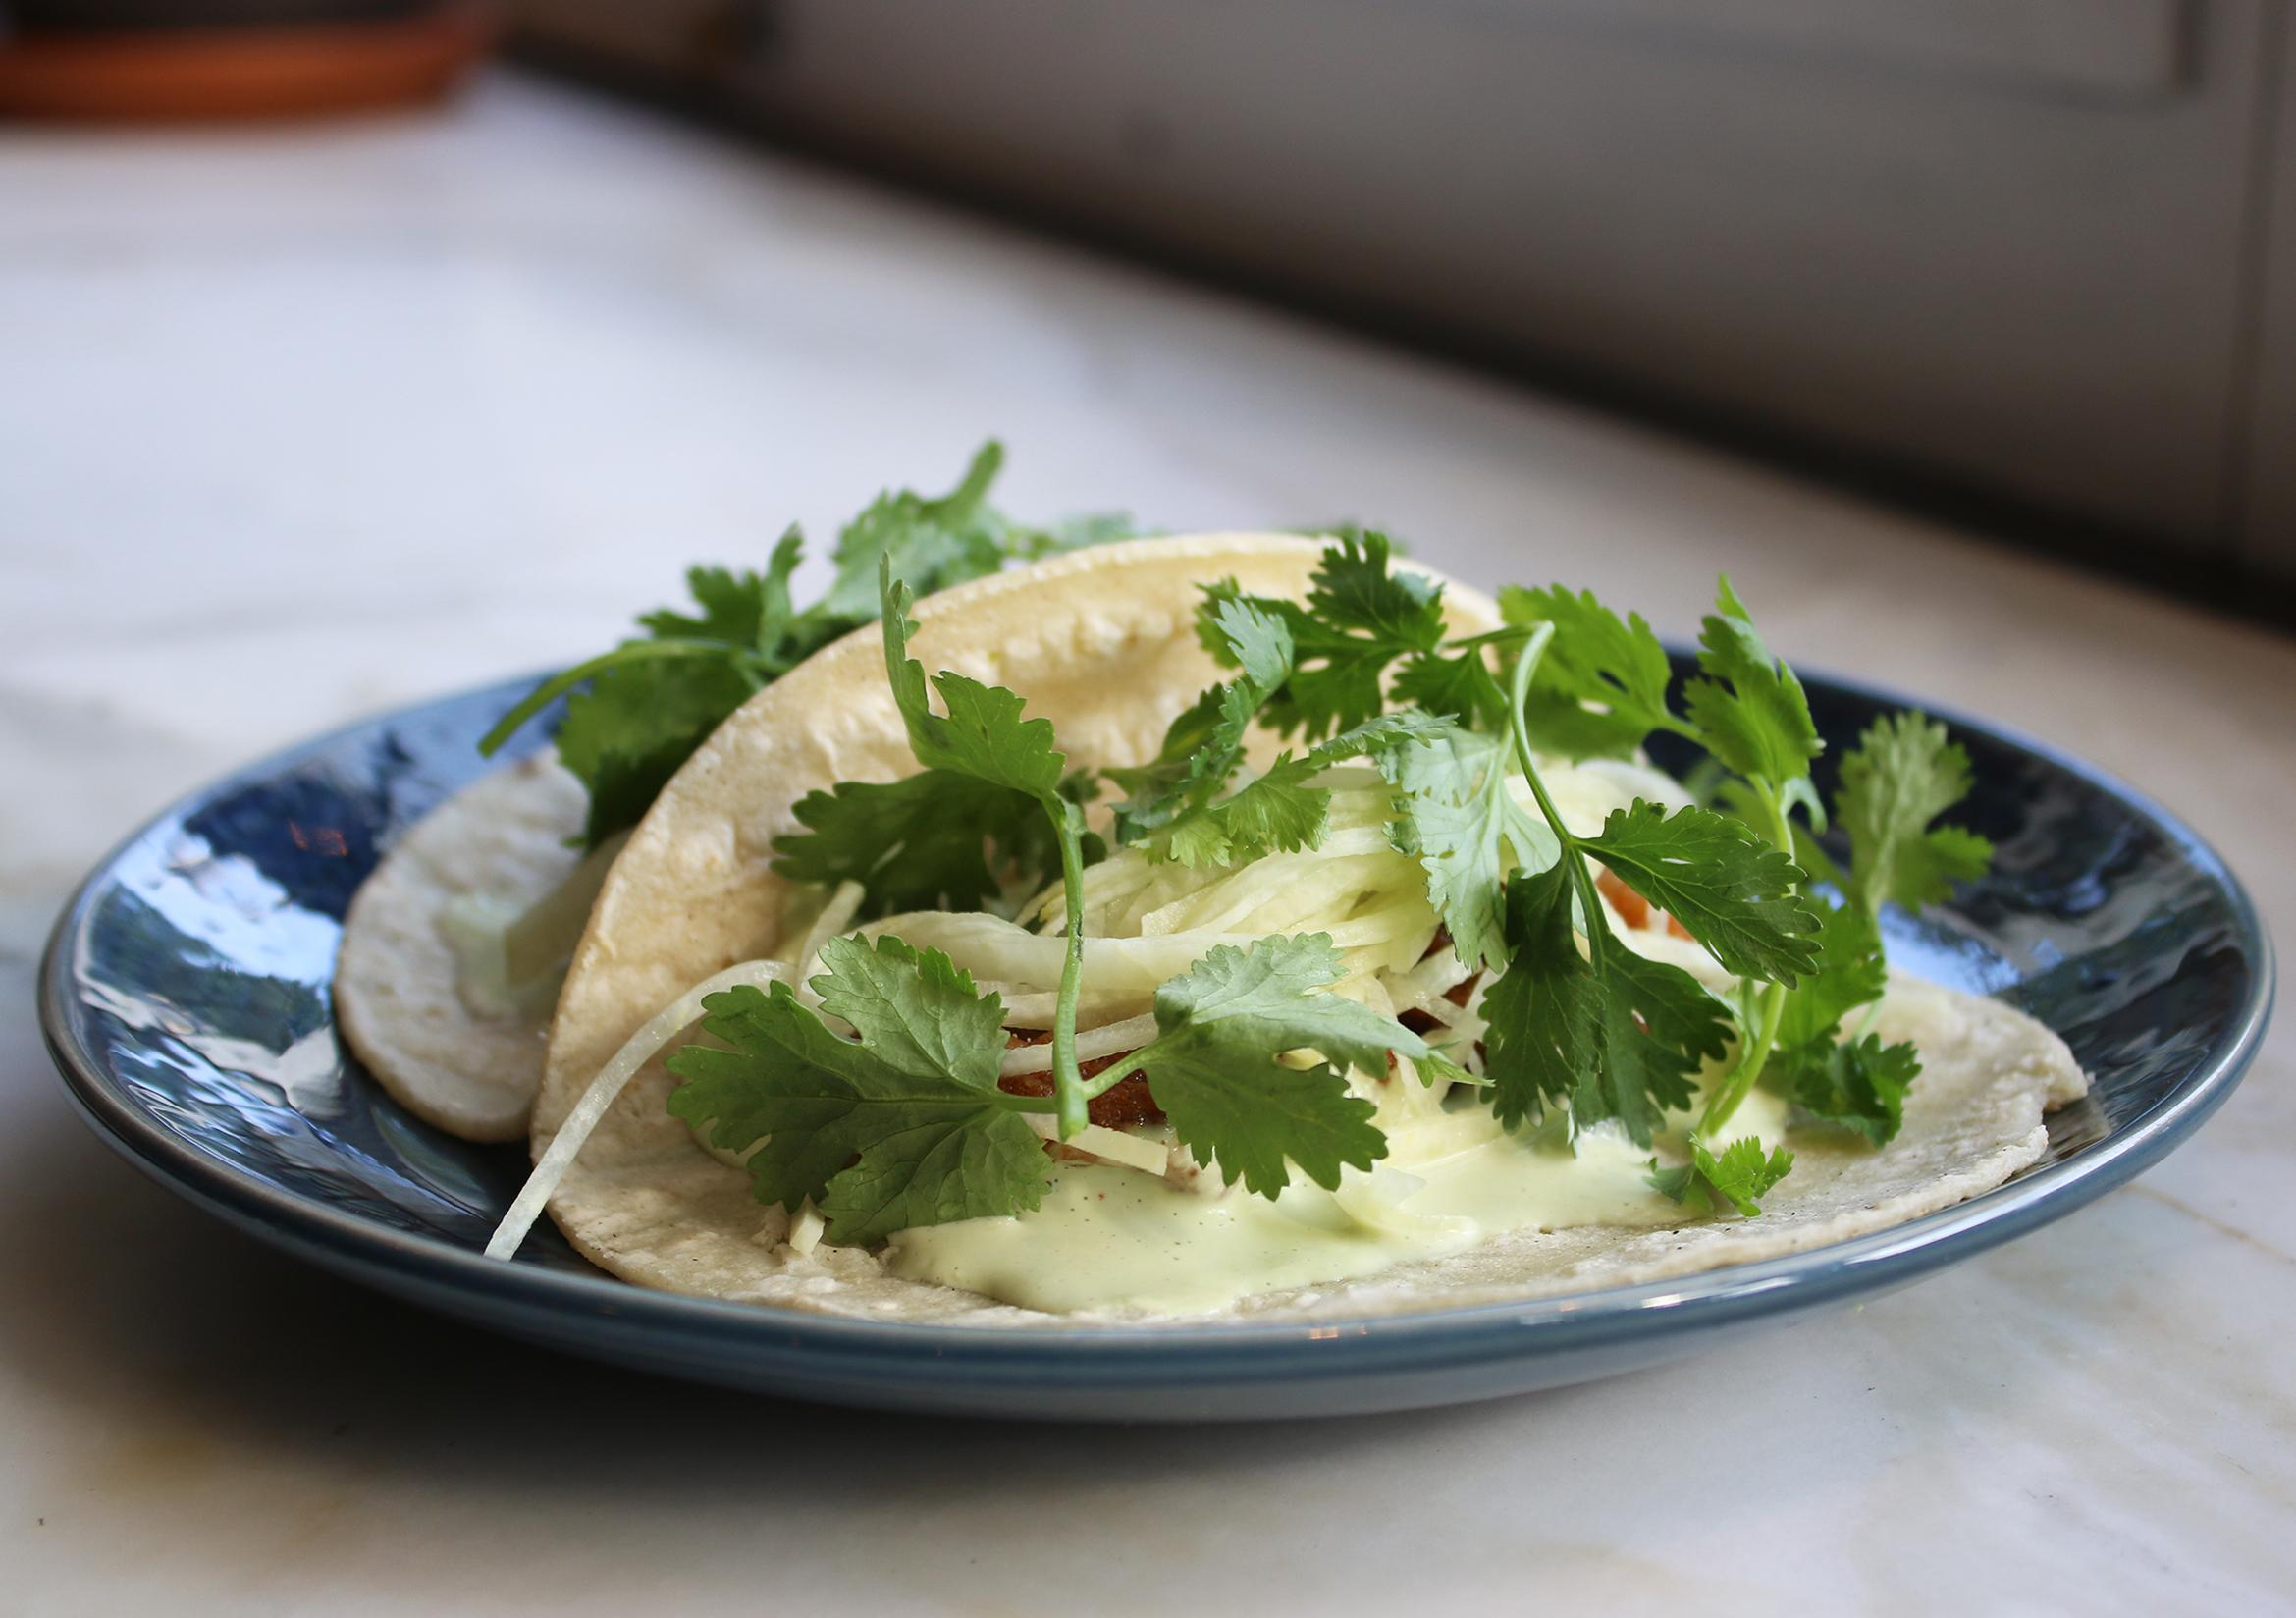 Fried Oyster Taco:  Jicama Slaw, Cilantro Yoghurt, Corn Tortilla or Lettuce Wrap